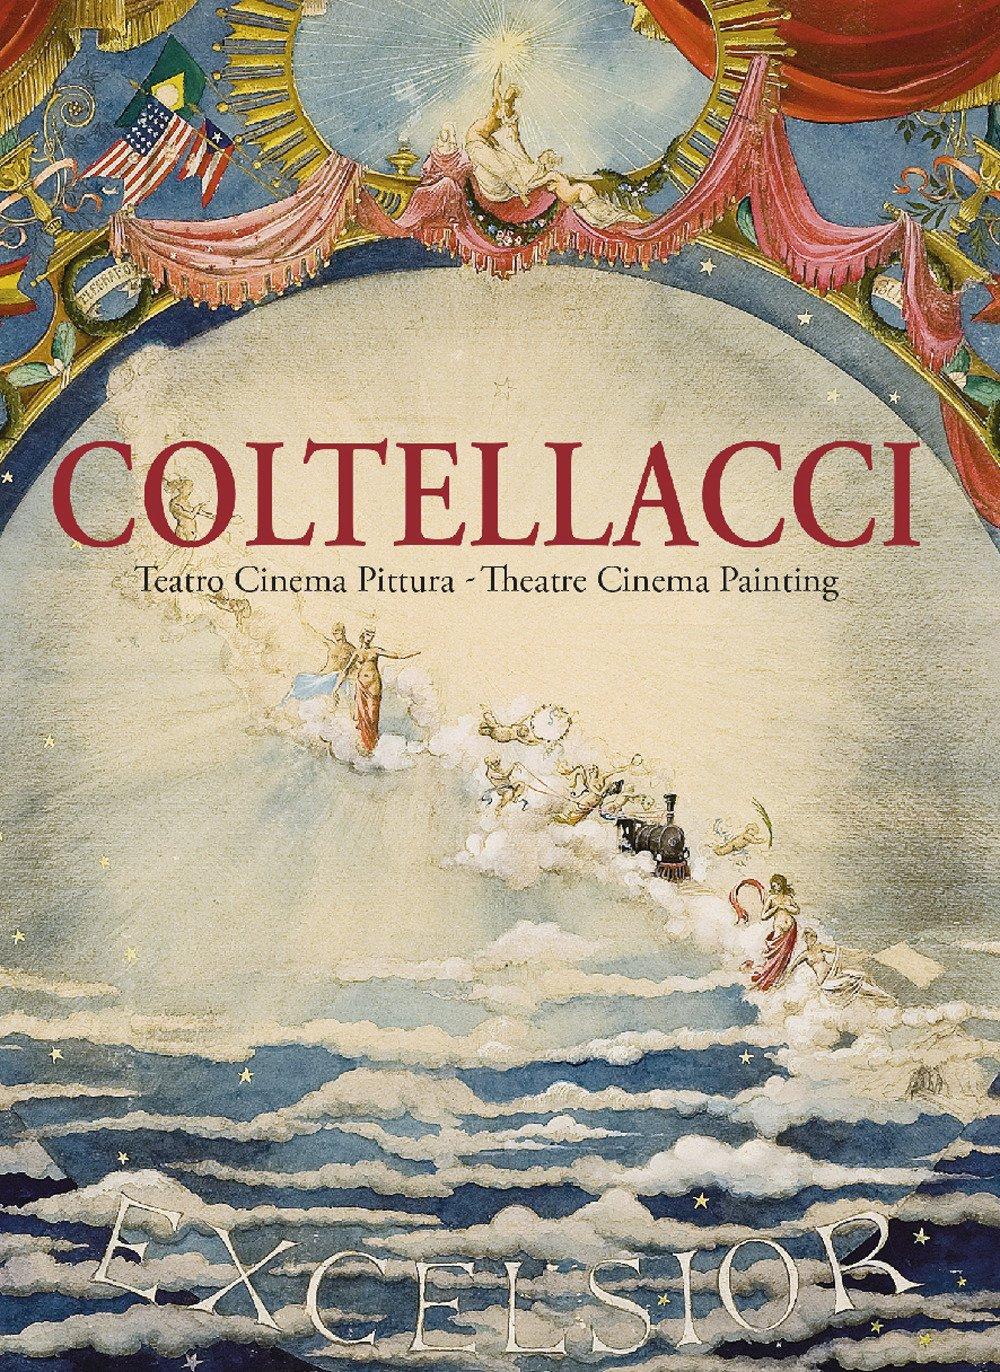 Coltellacci. Teatro Cinema Pittura. Theatre Cinema Painting